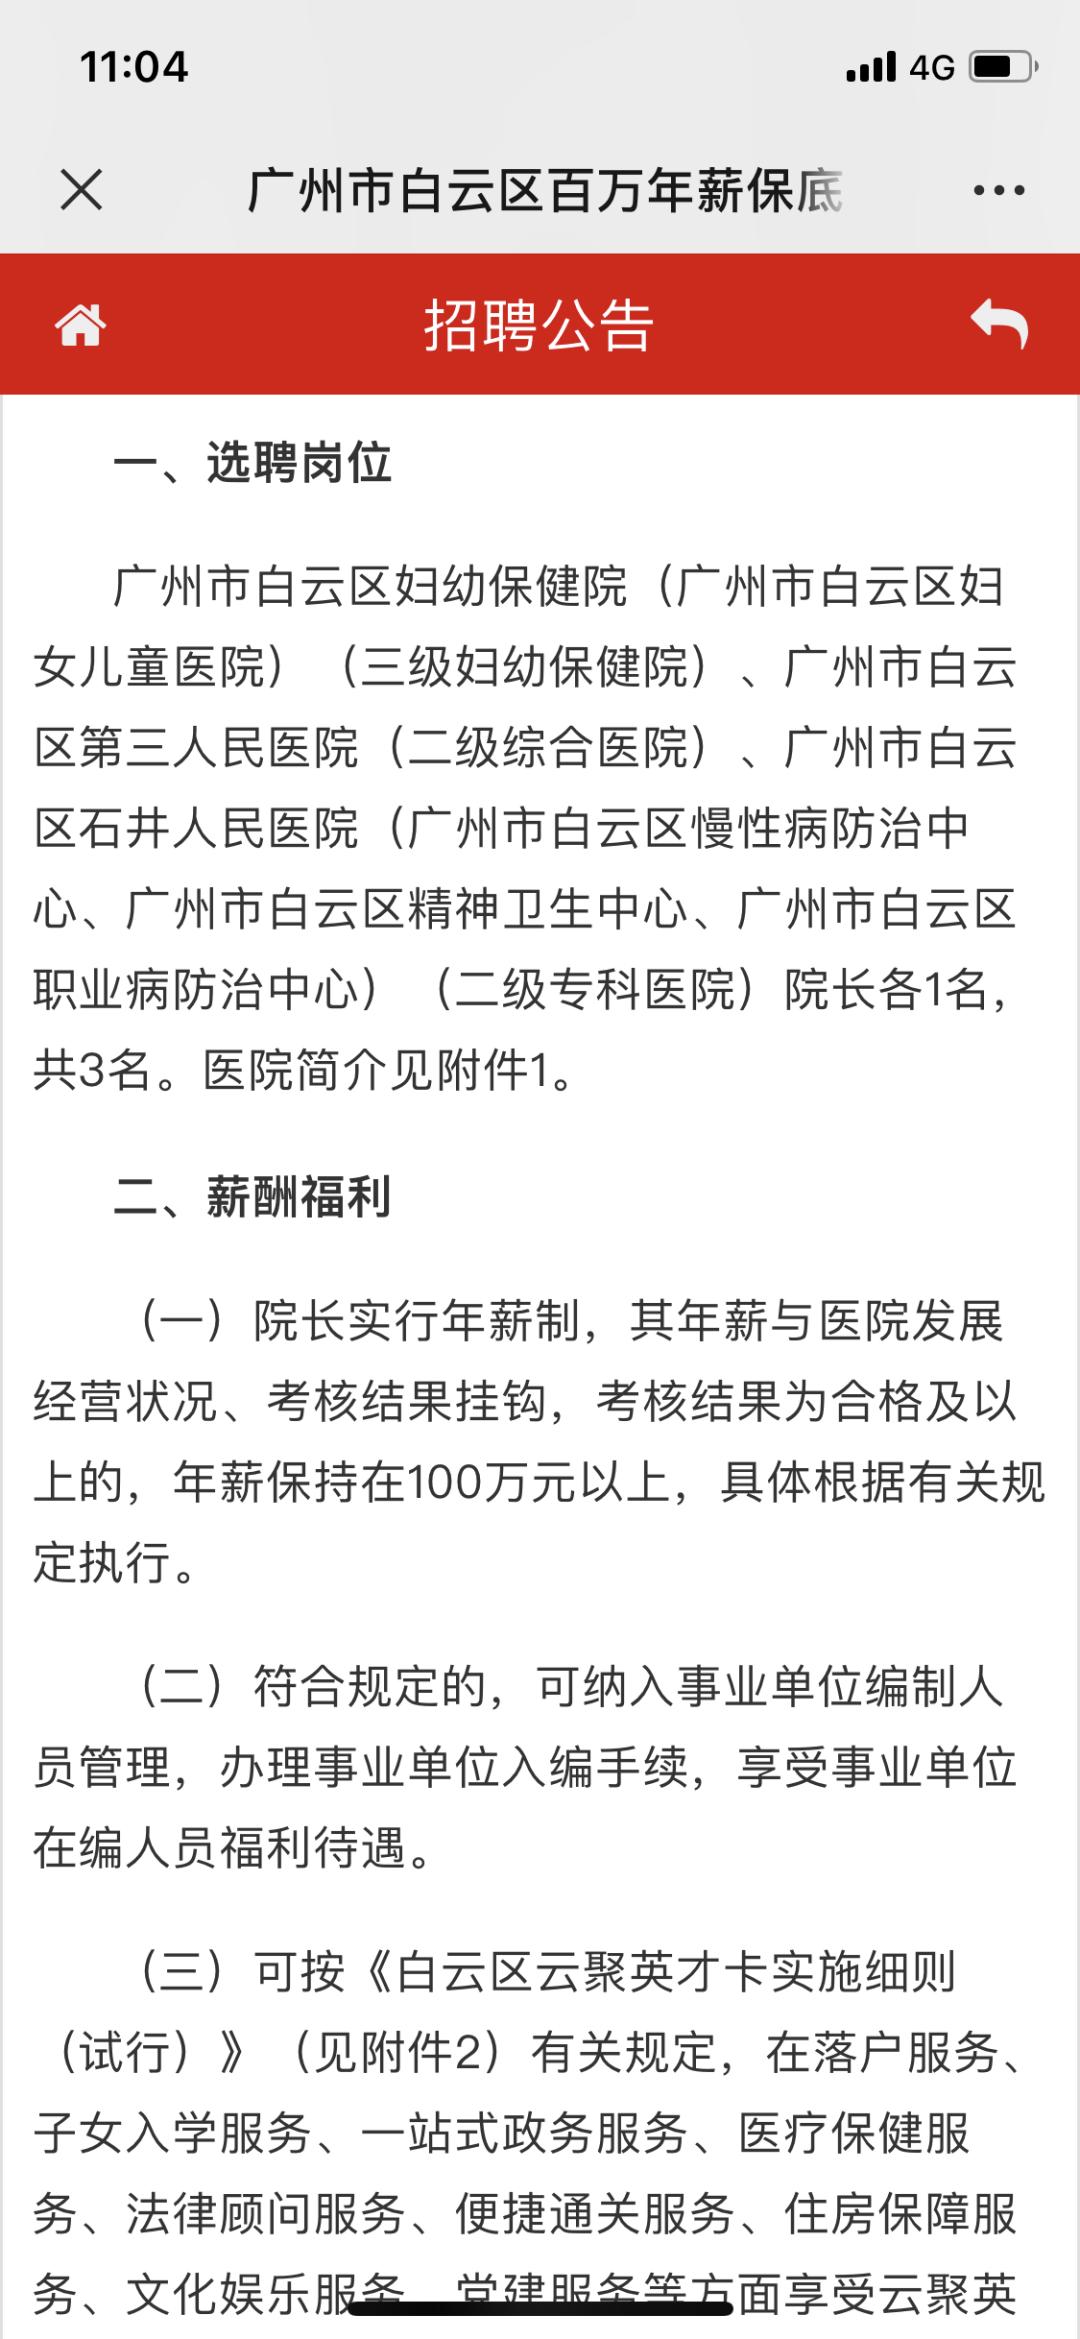 广州百万年薪招聘公立医院院长 还享人才待遇